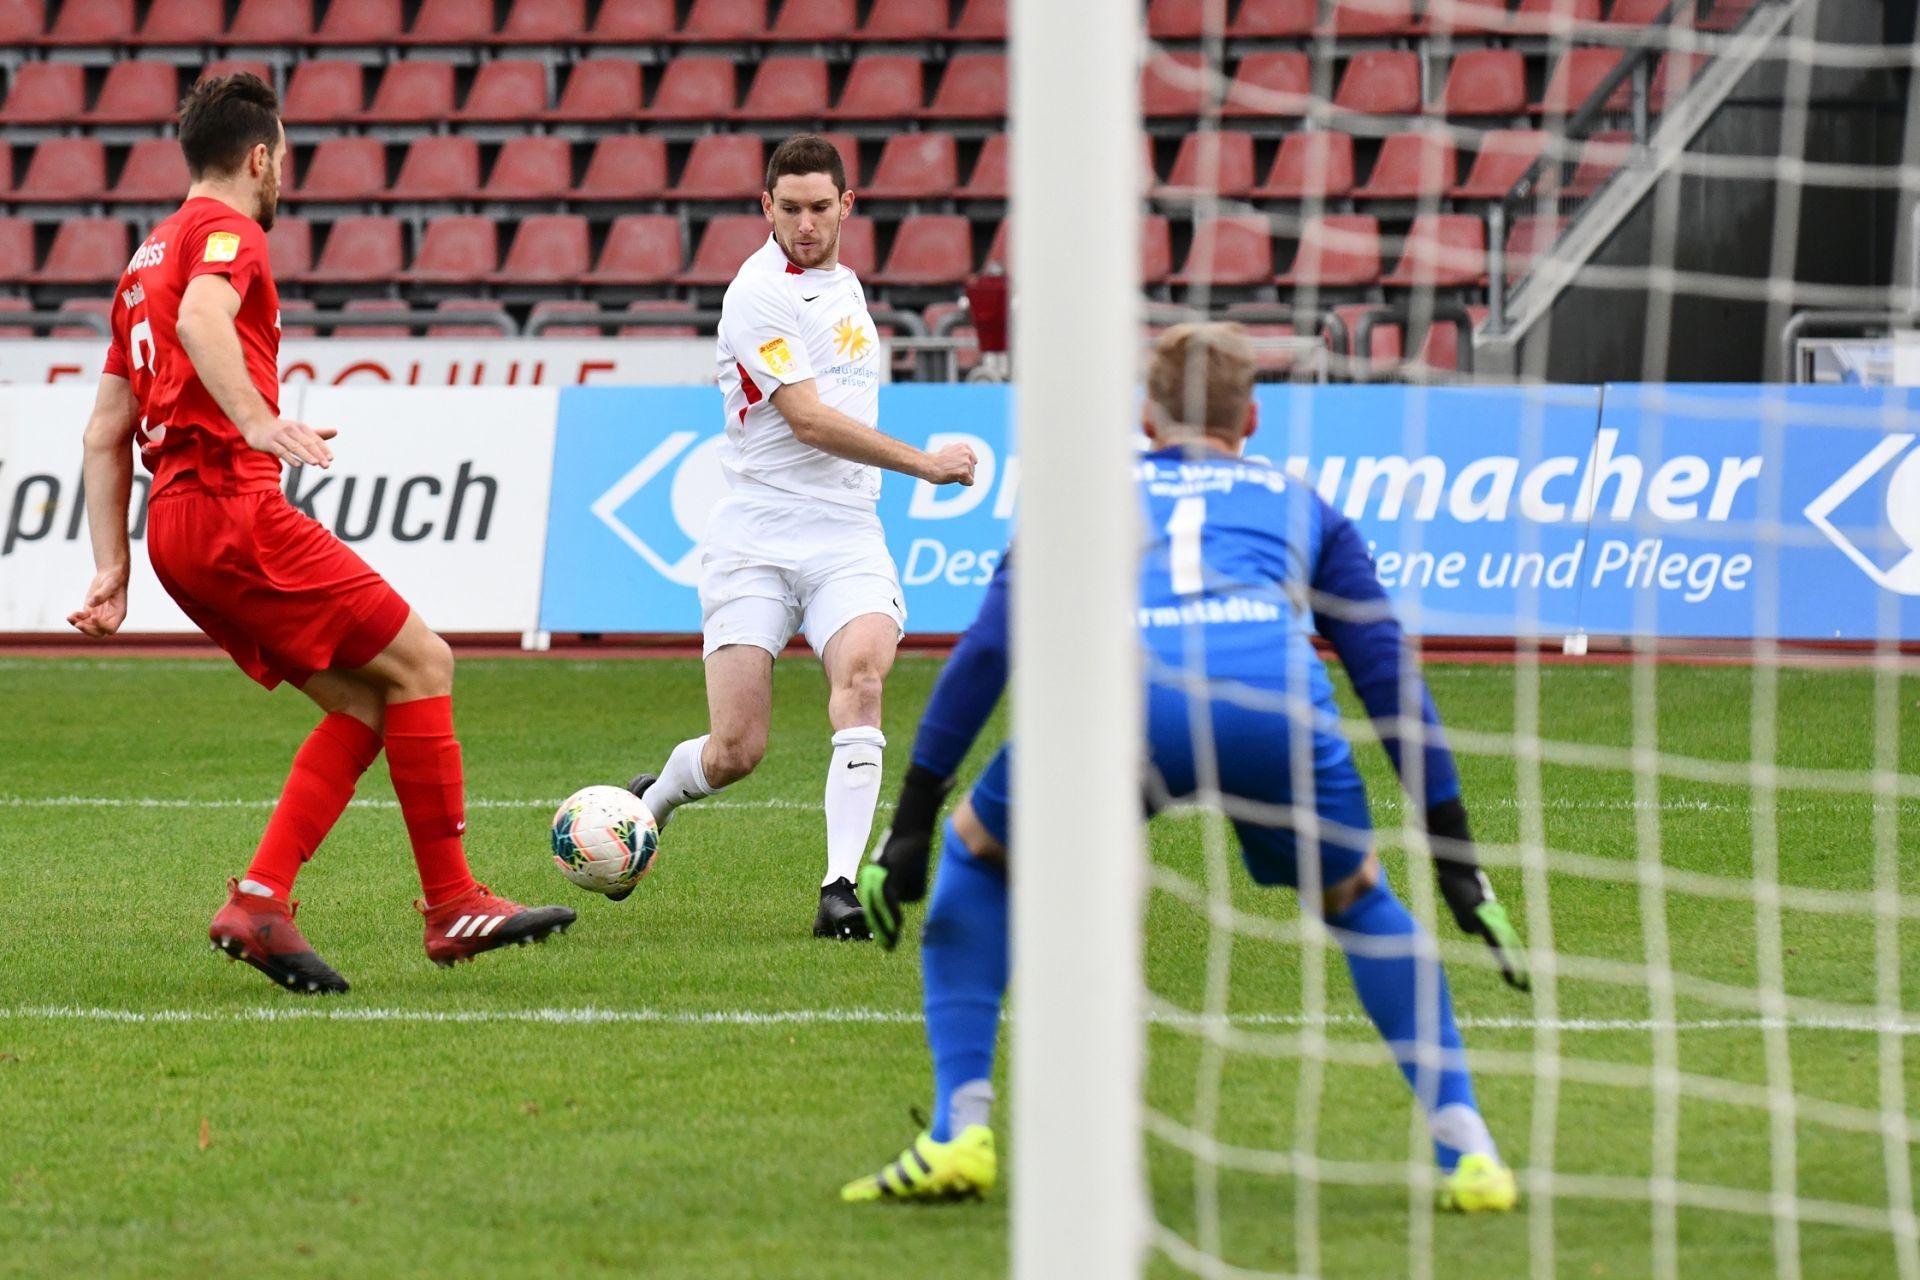 KSV Hessen Kassel, Rot-Weiss Walldorf, Endstand 4:0, Lukas Iksal (KSV Hessen Kassel)